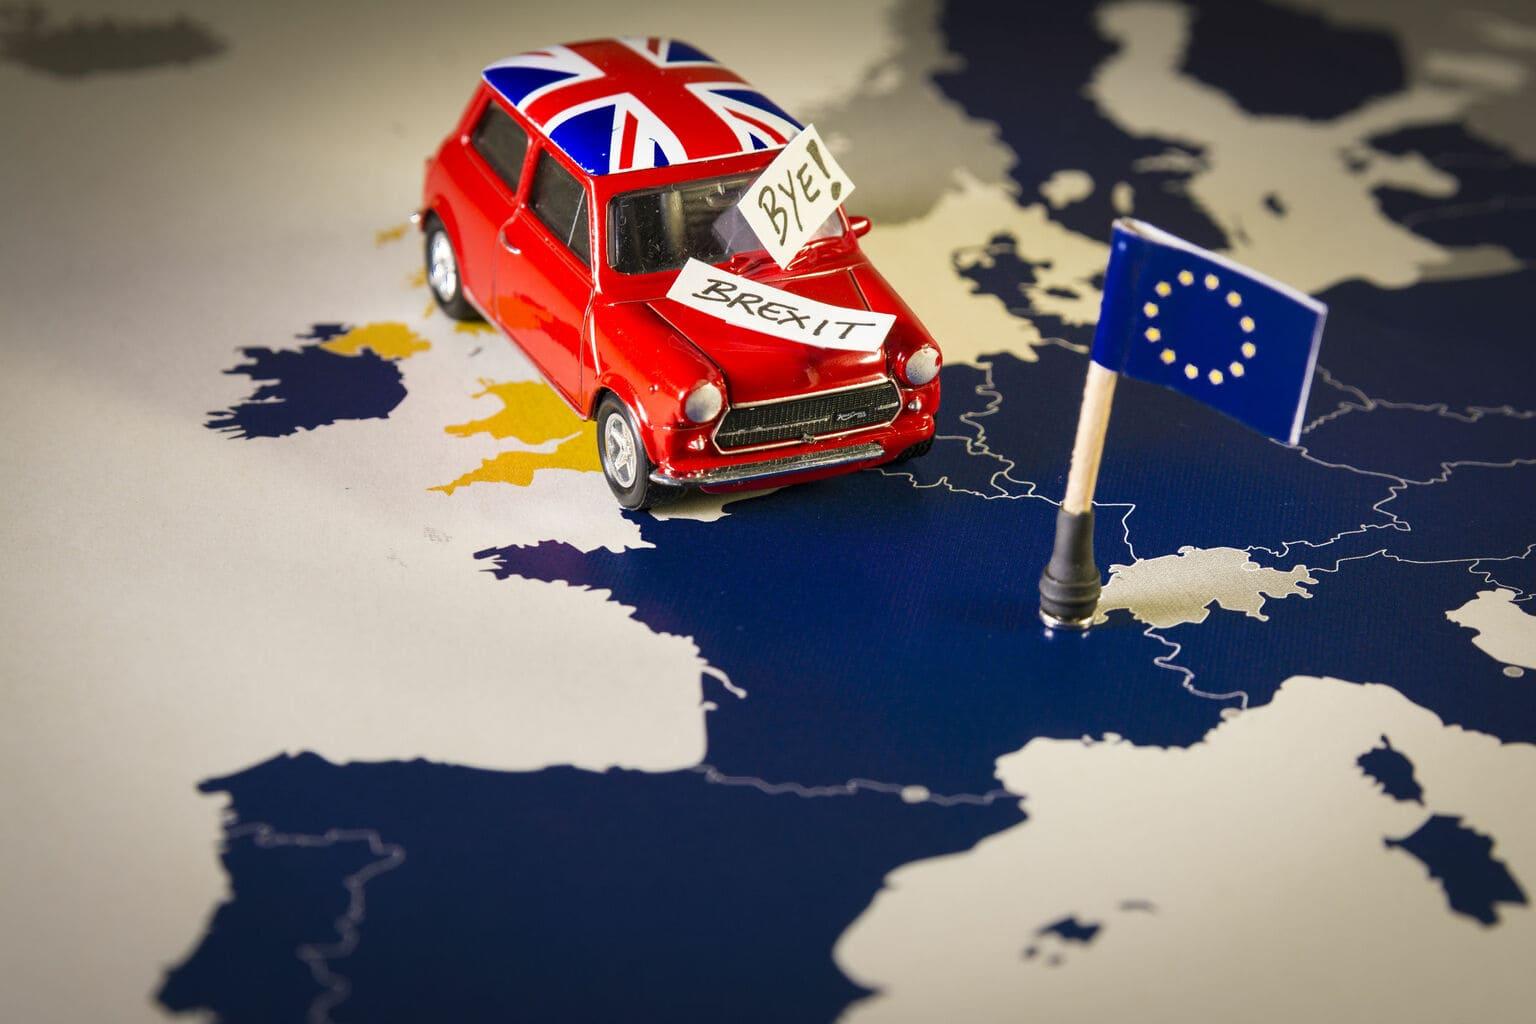 Autootje met Brexit bordje rijdt over kaart van EU